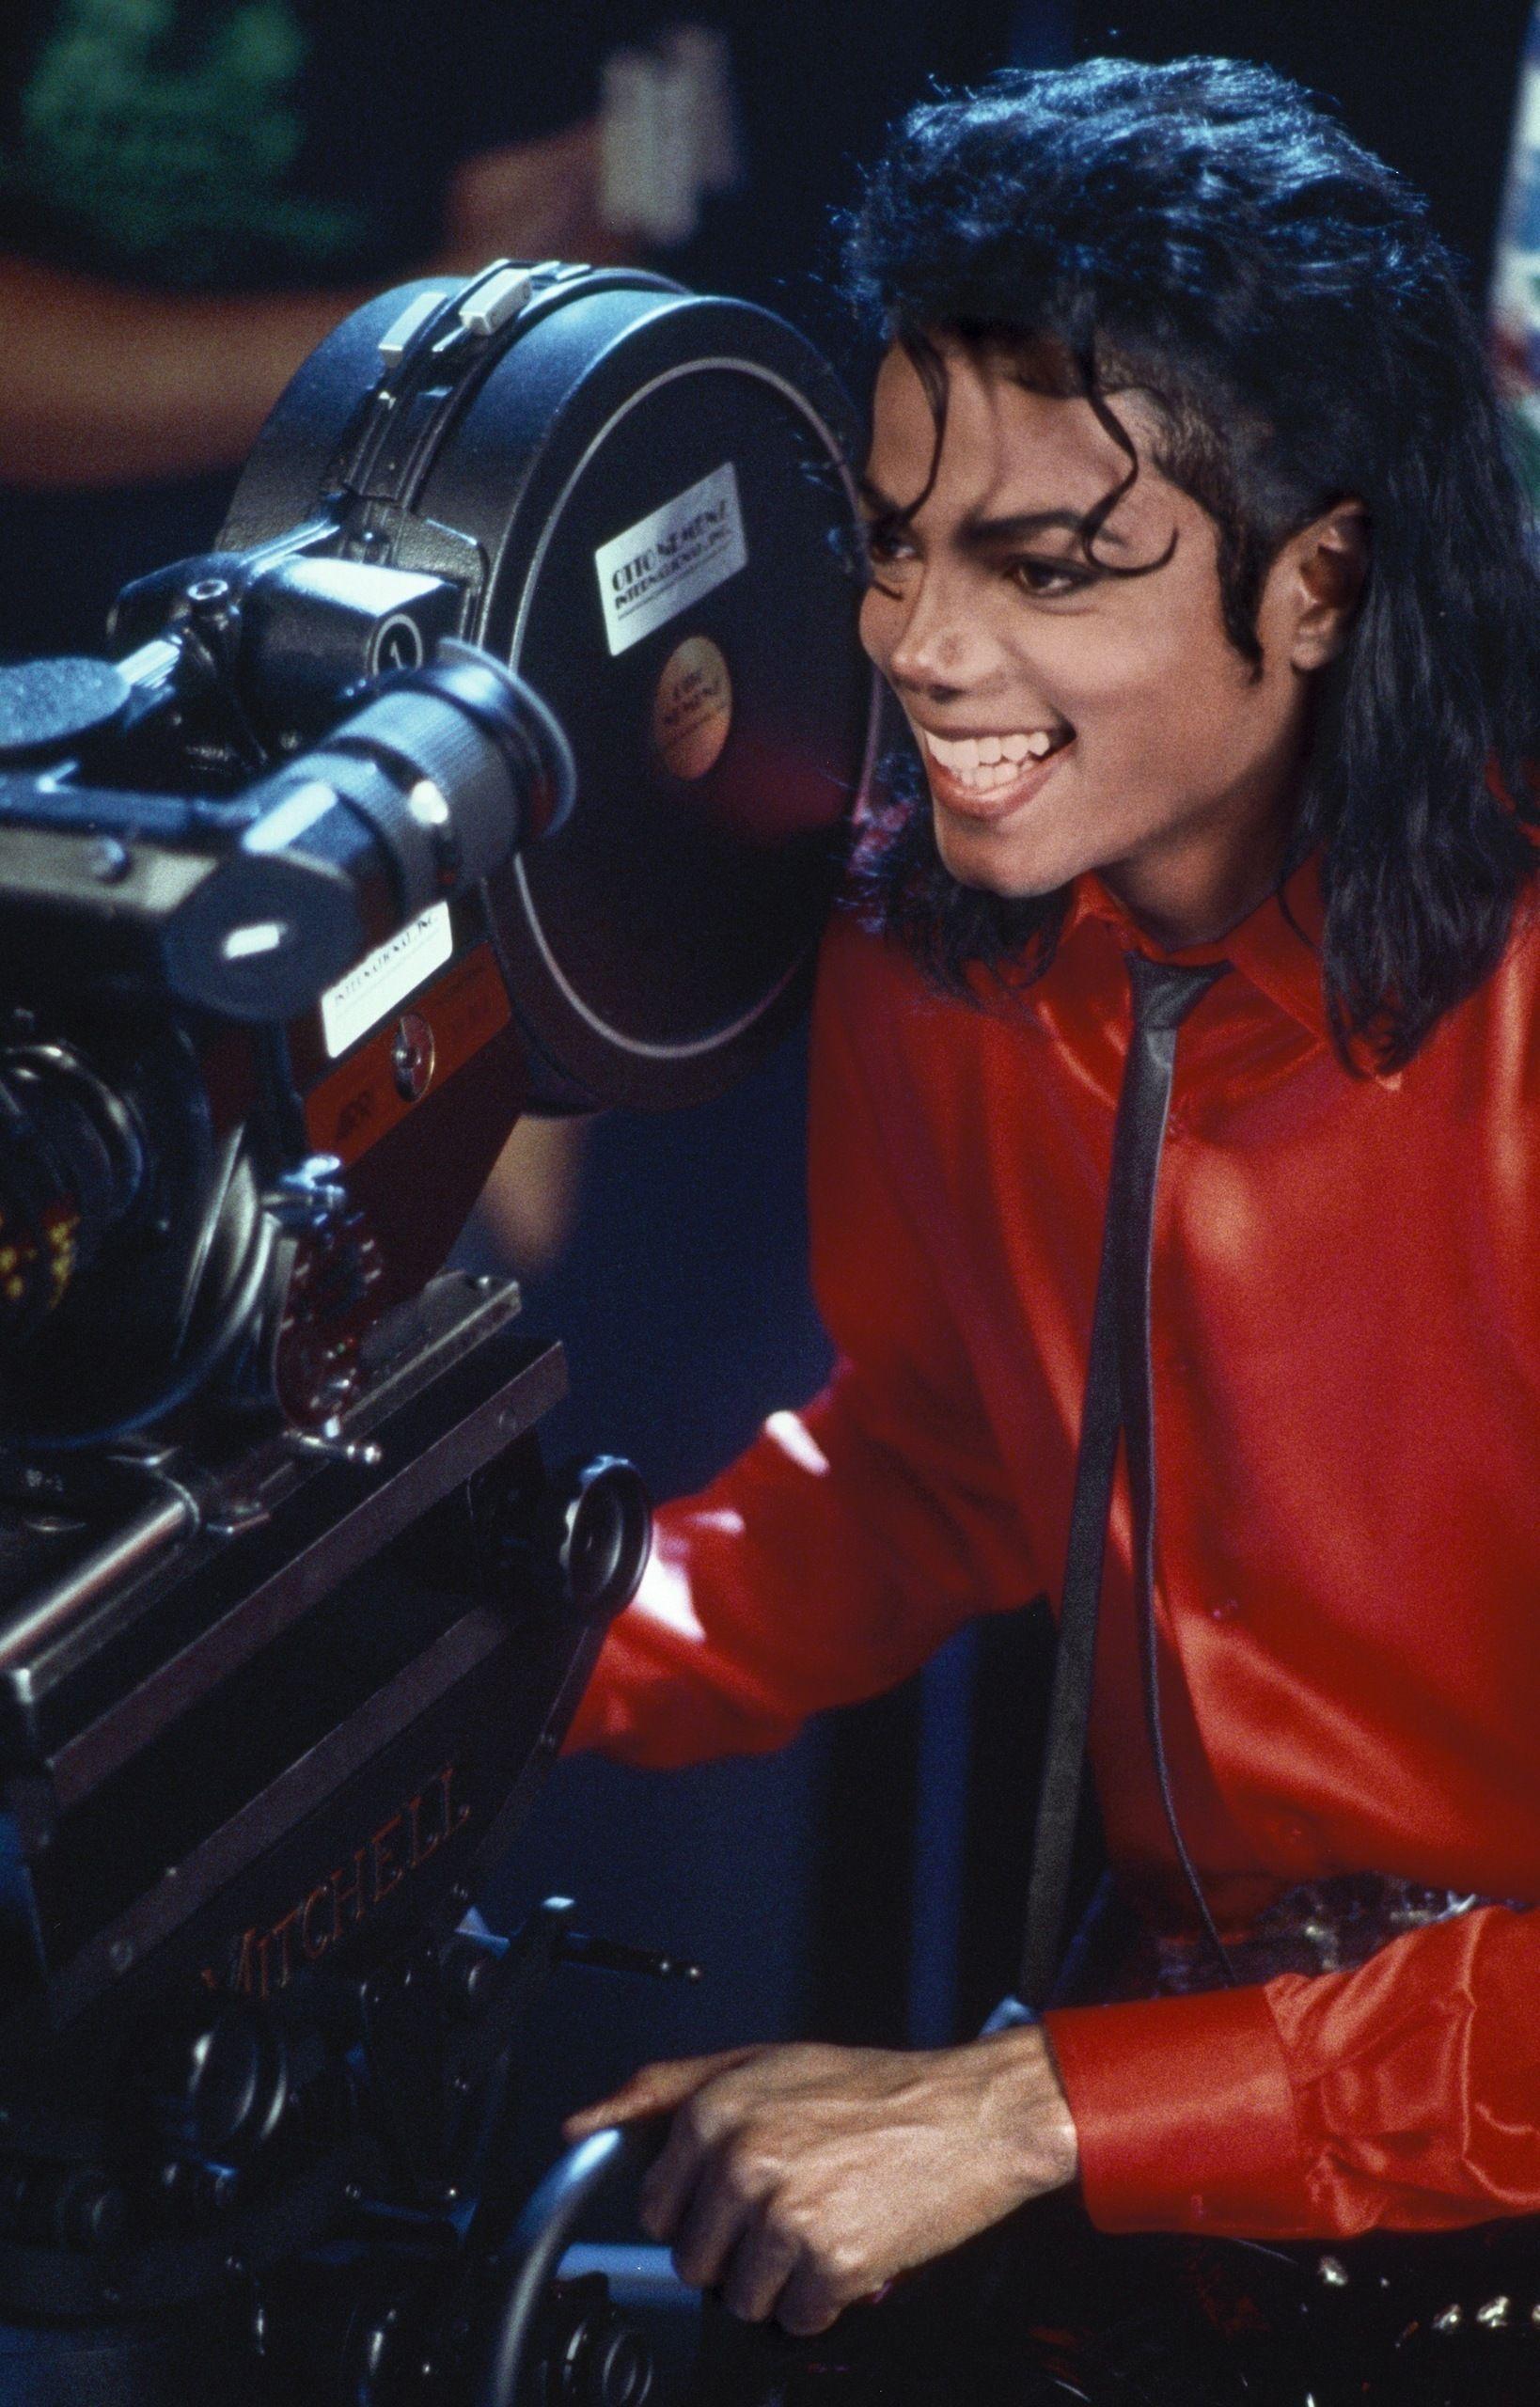 12677 - Vídeos de Michael Jackson